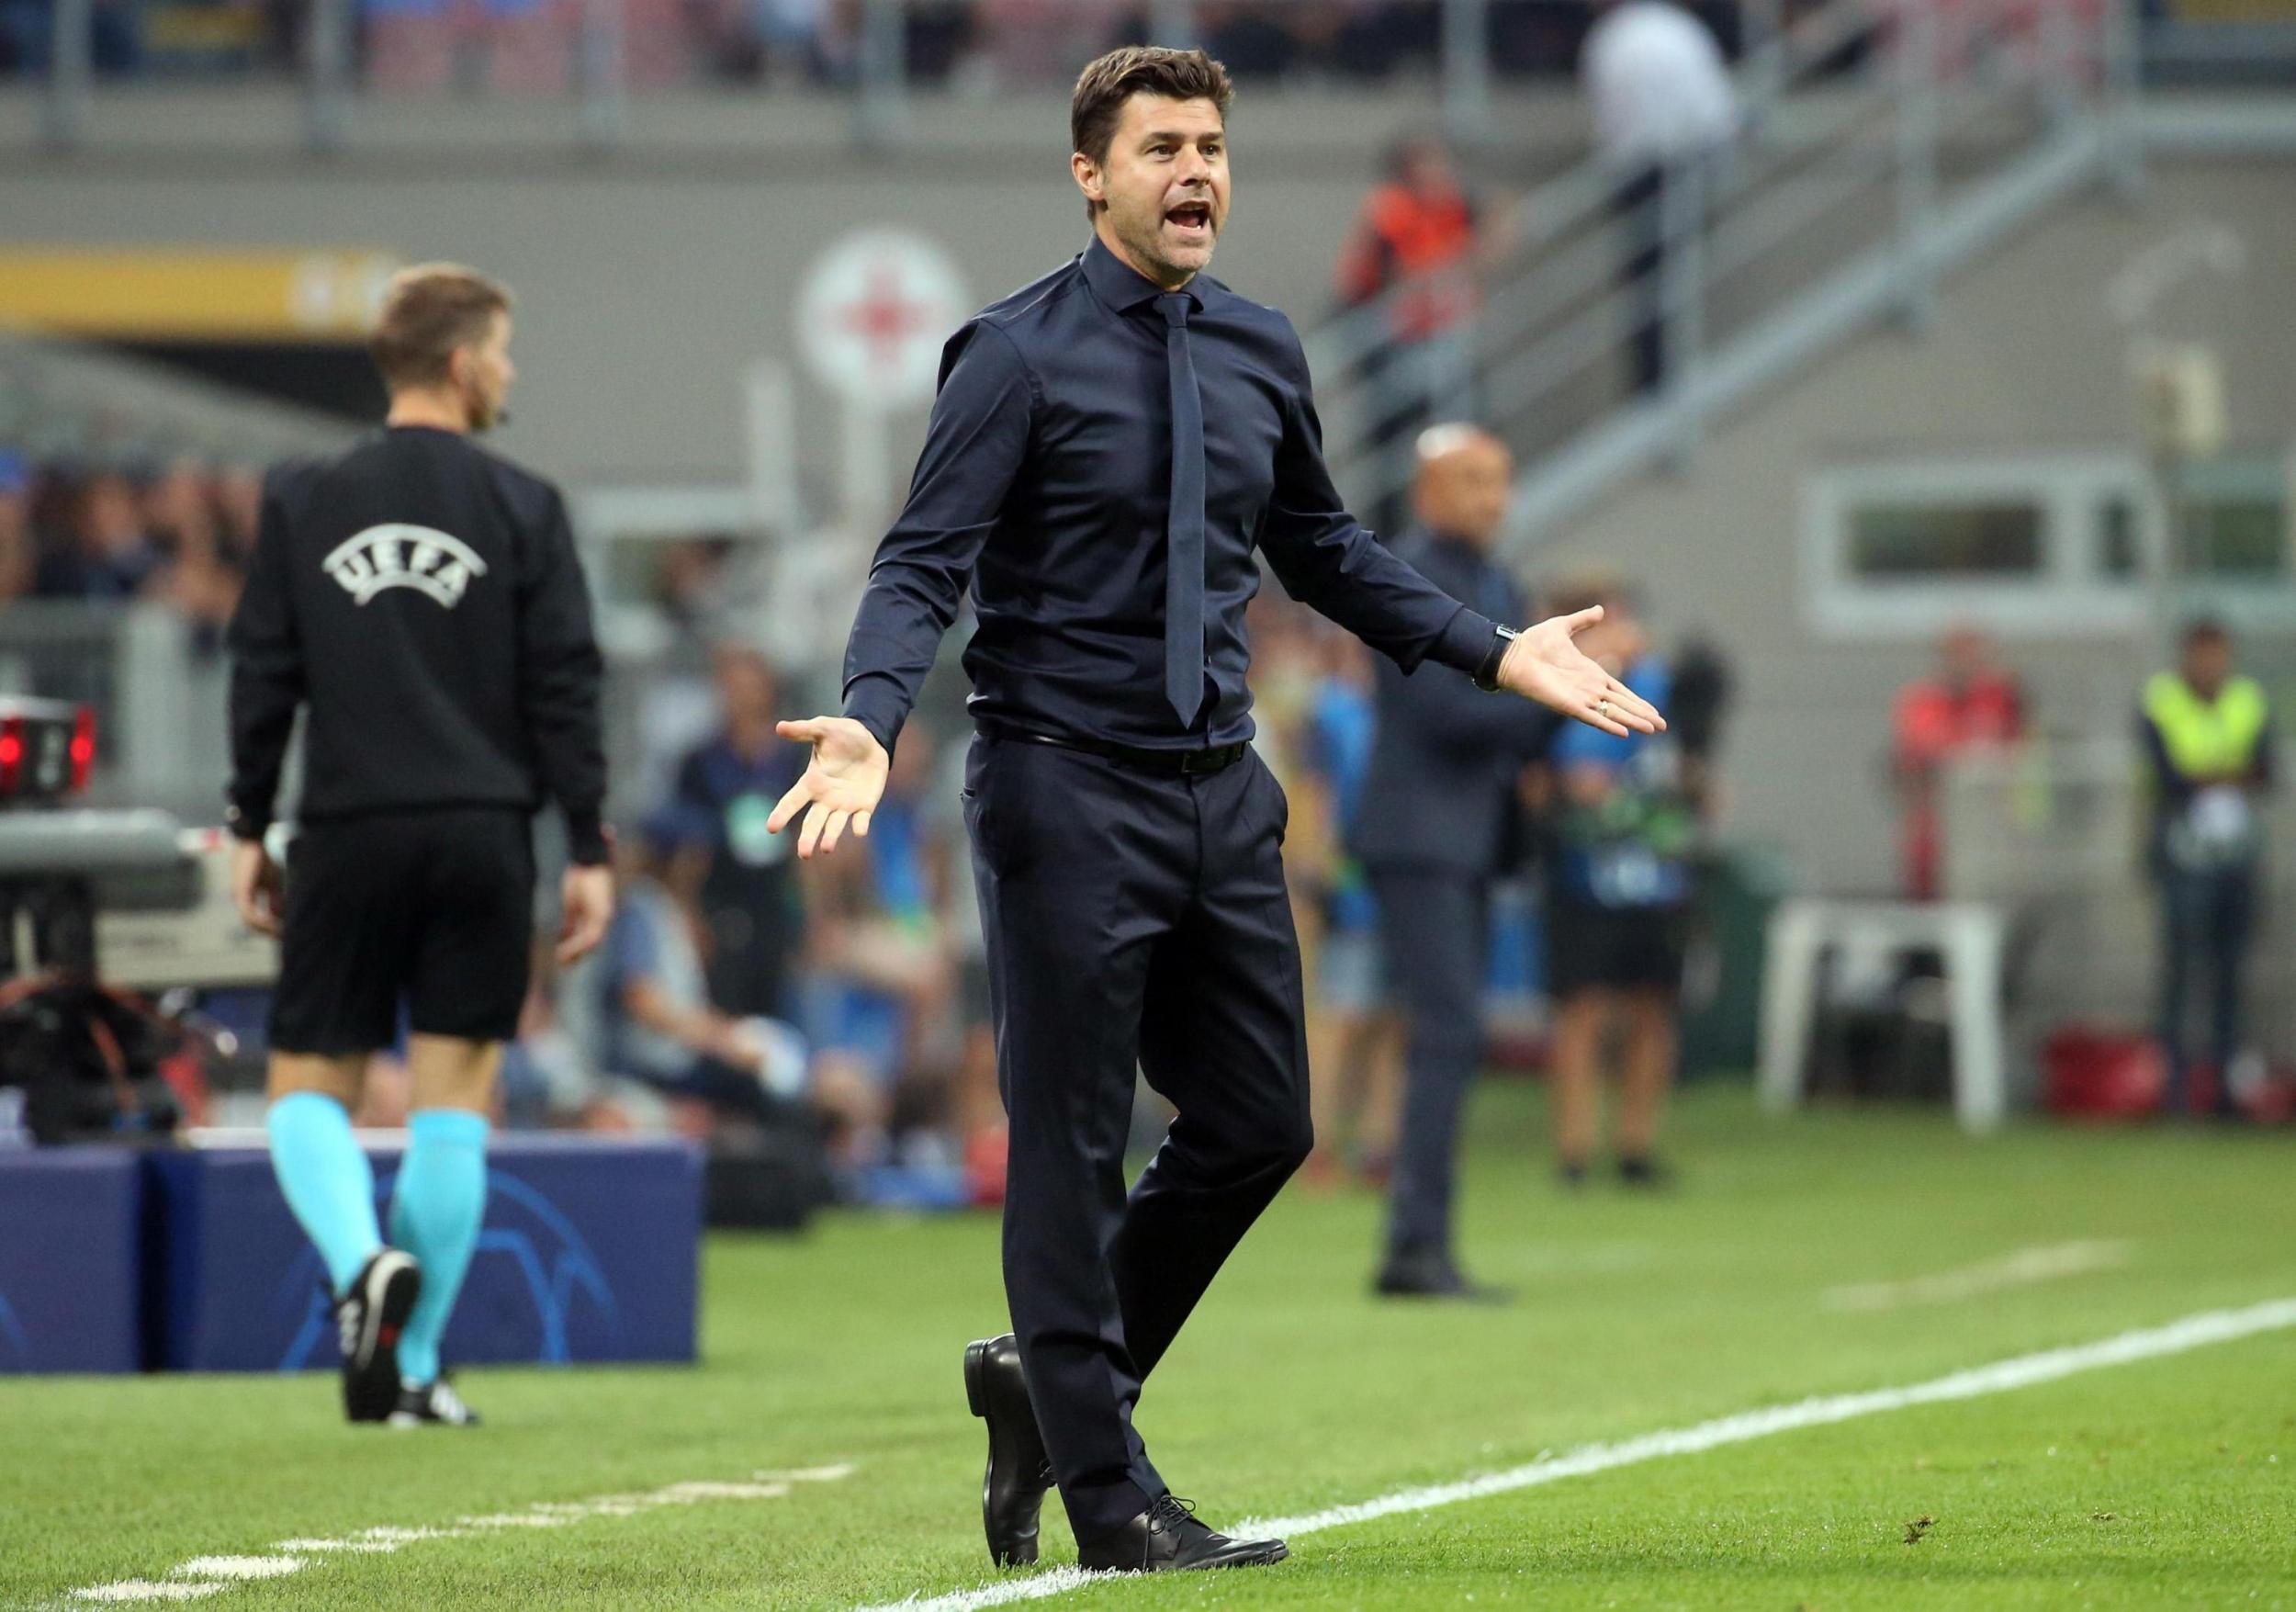 Tottenham khởi đầu quá tệ, Pochettino đã viết sẵn đơn từ chức - Bóng Đá